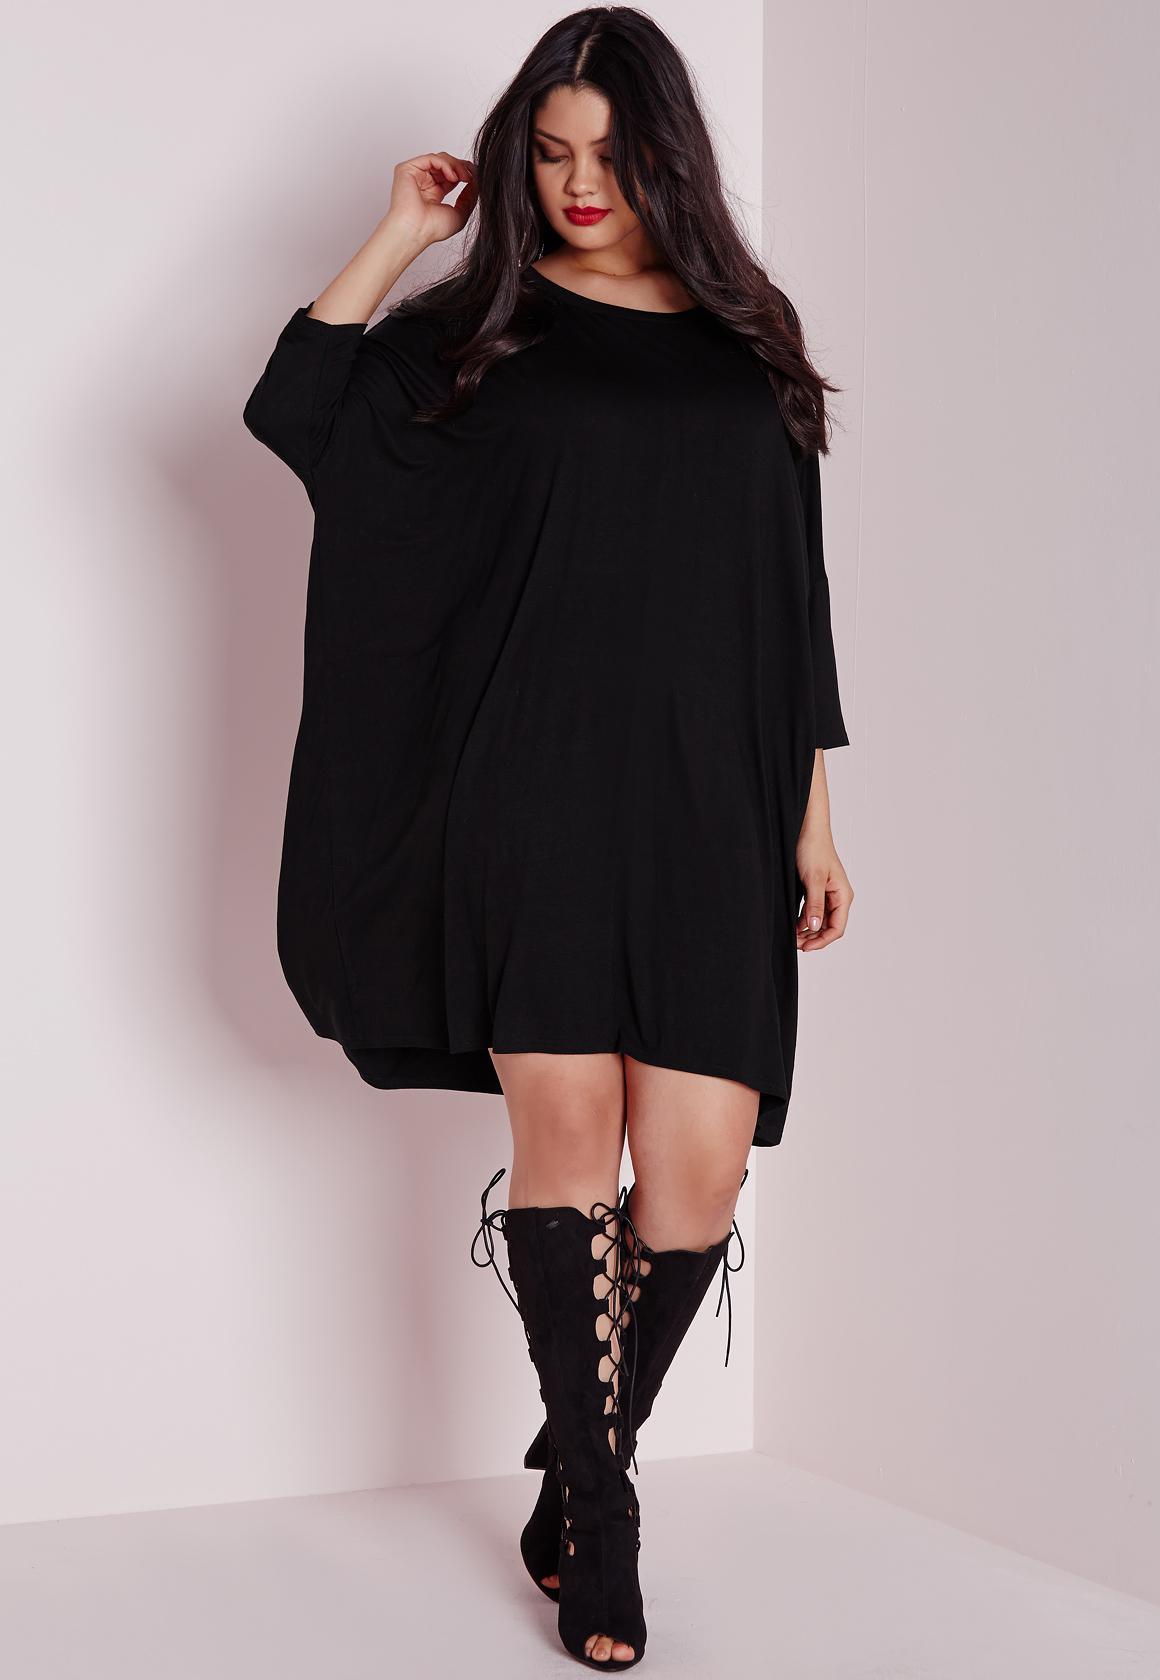 79c515ebce6e9 T Shirt Maxi Dress Size 16 - BCD Tofu House